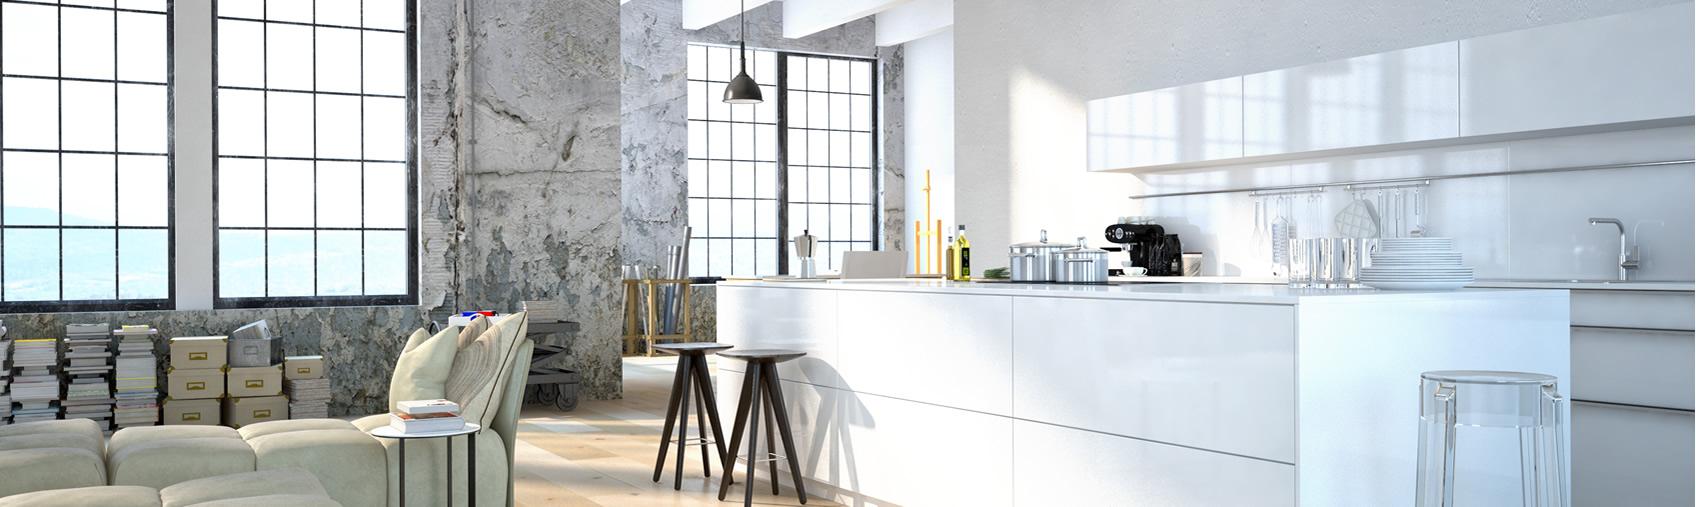 Expert immobilier Avignon intérieur appartement